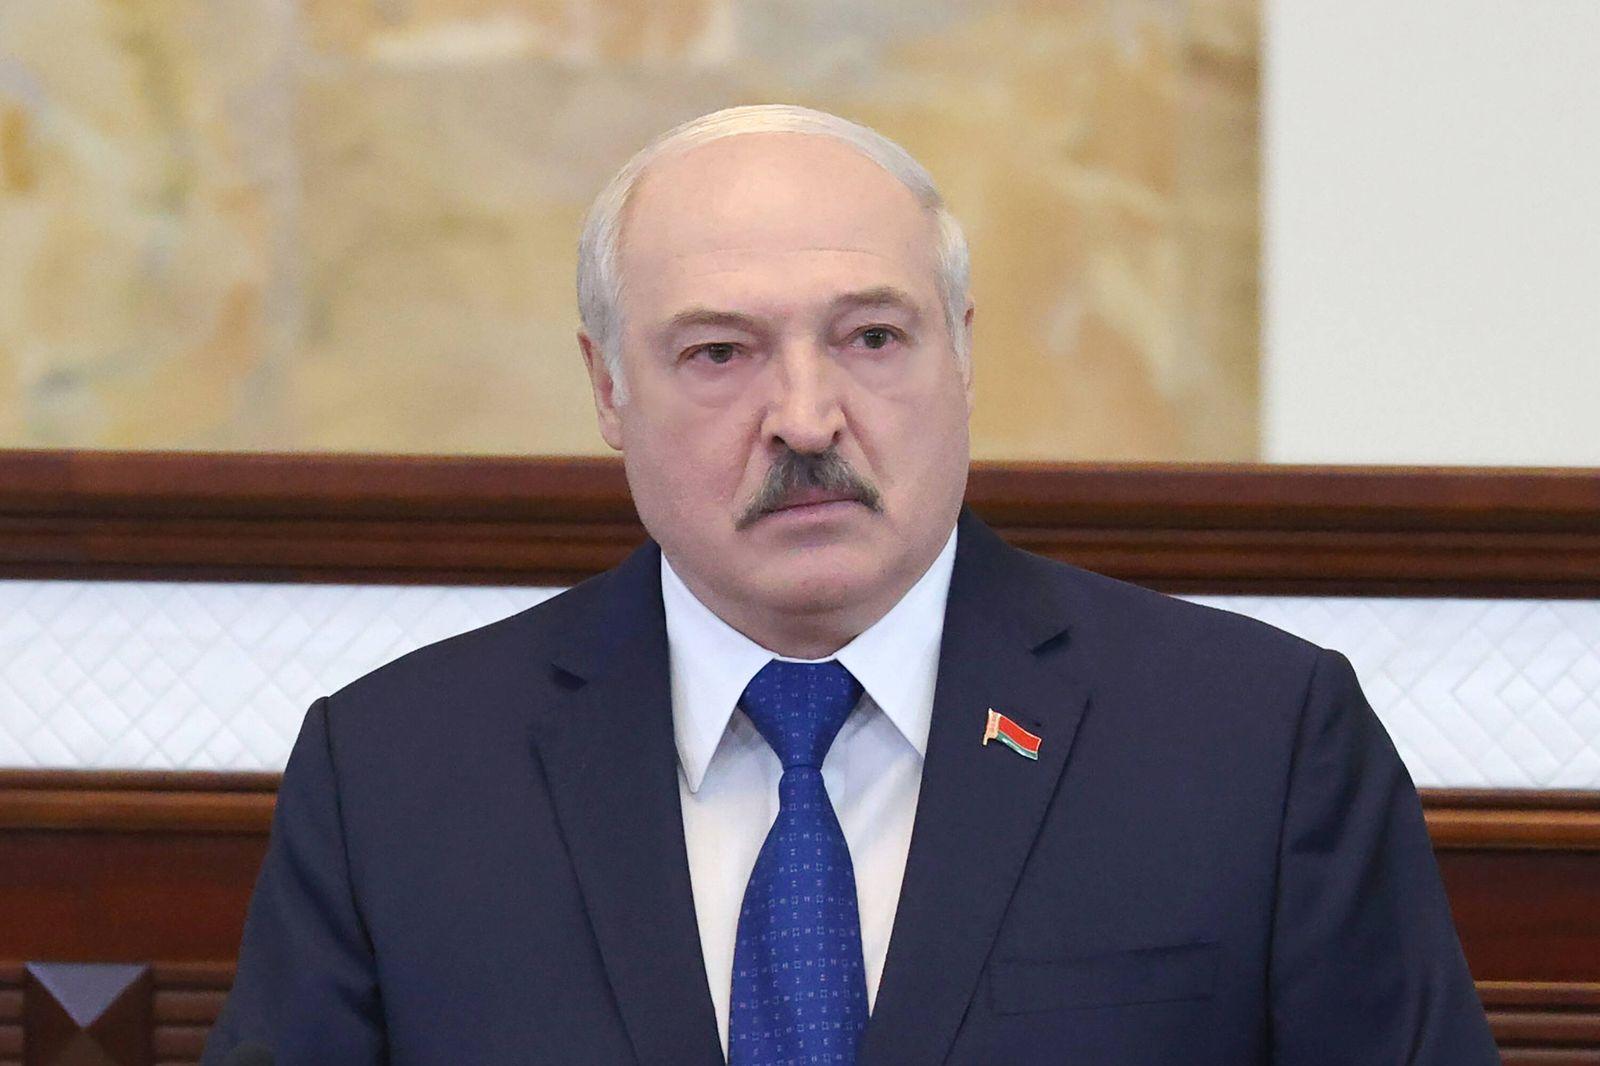 MINSK, BELARUS - MAY 26, 2021: Belarus President Alexander Lukashenko speaks during a meeting with parliamentarians, me